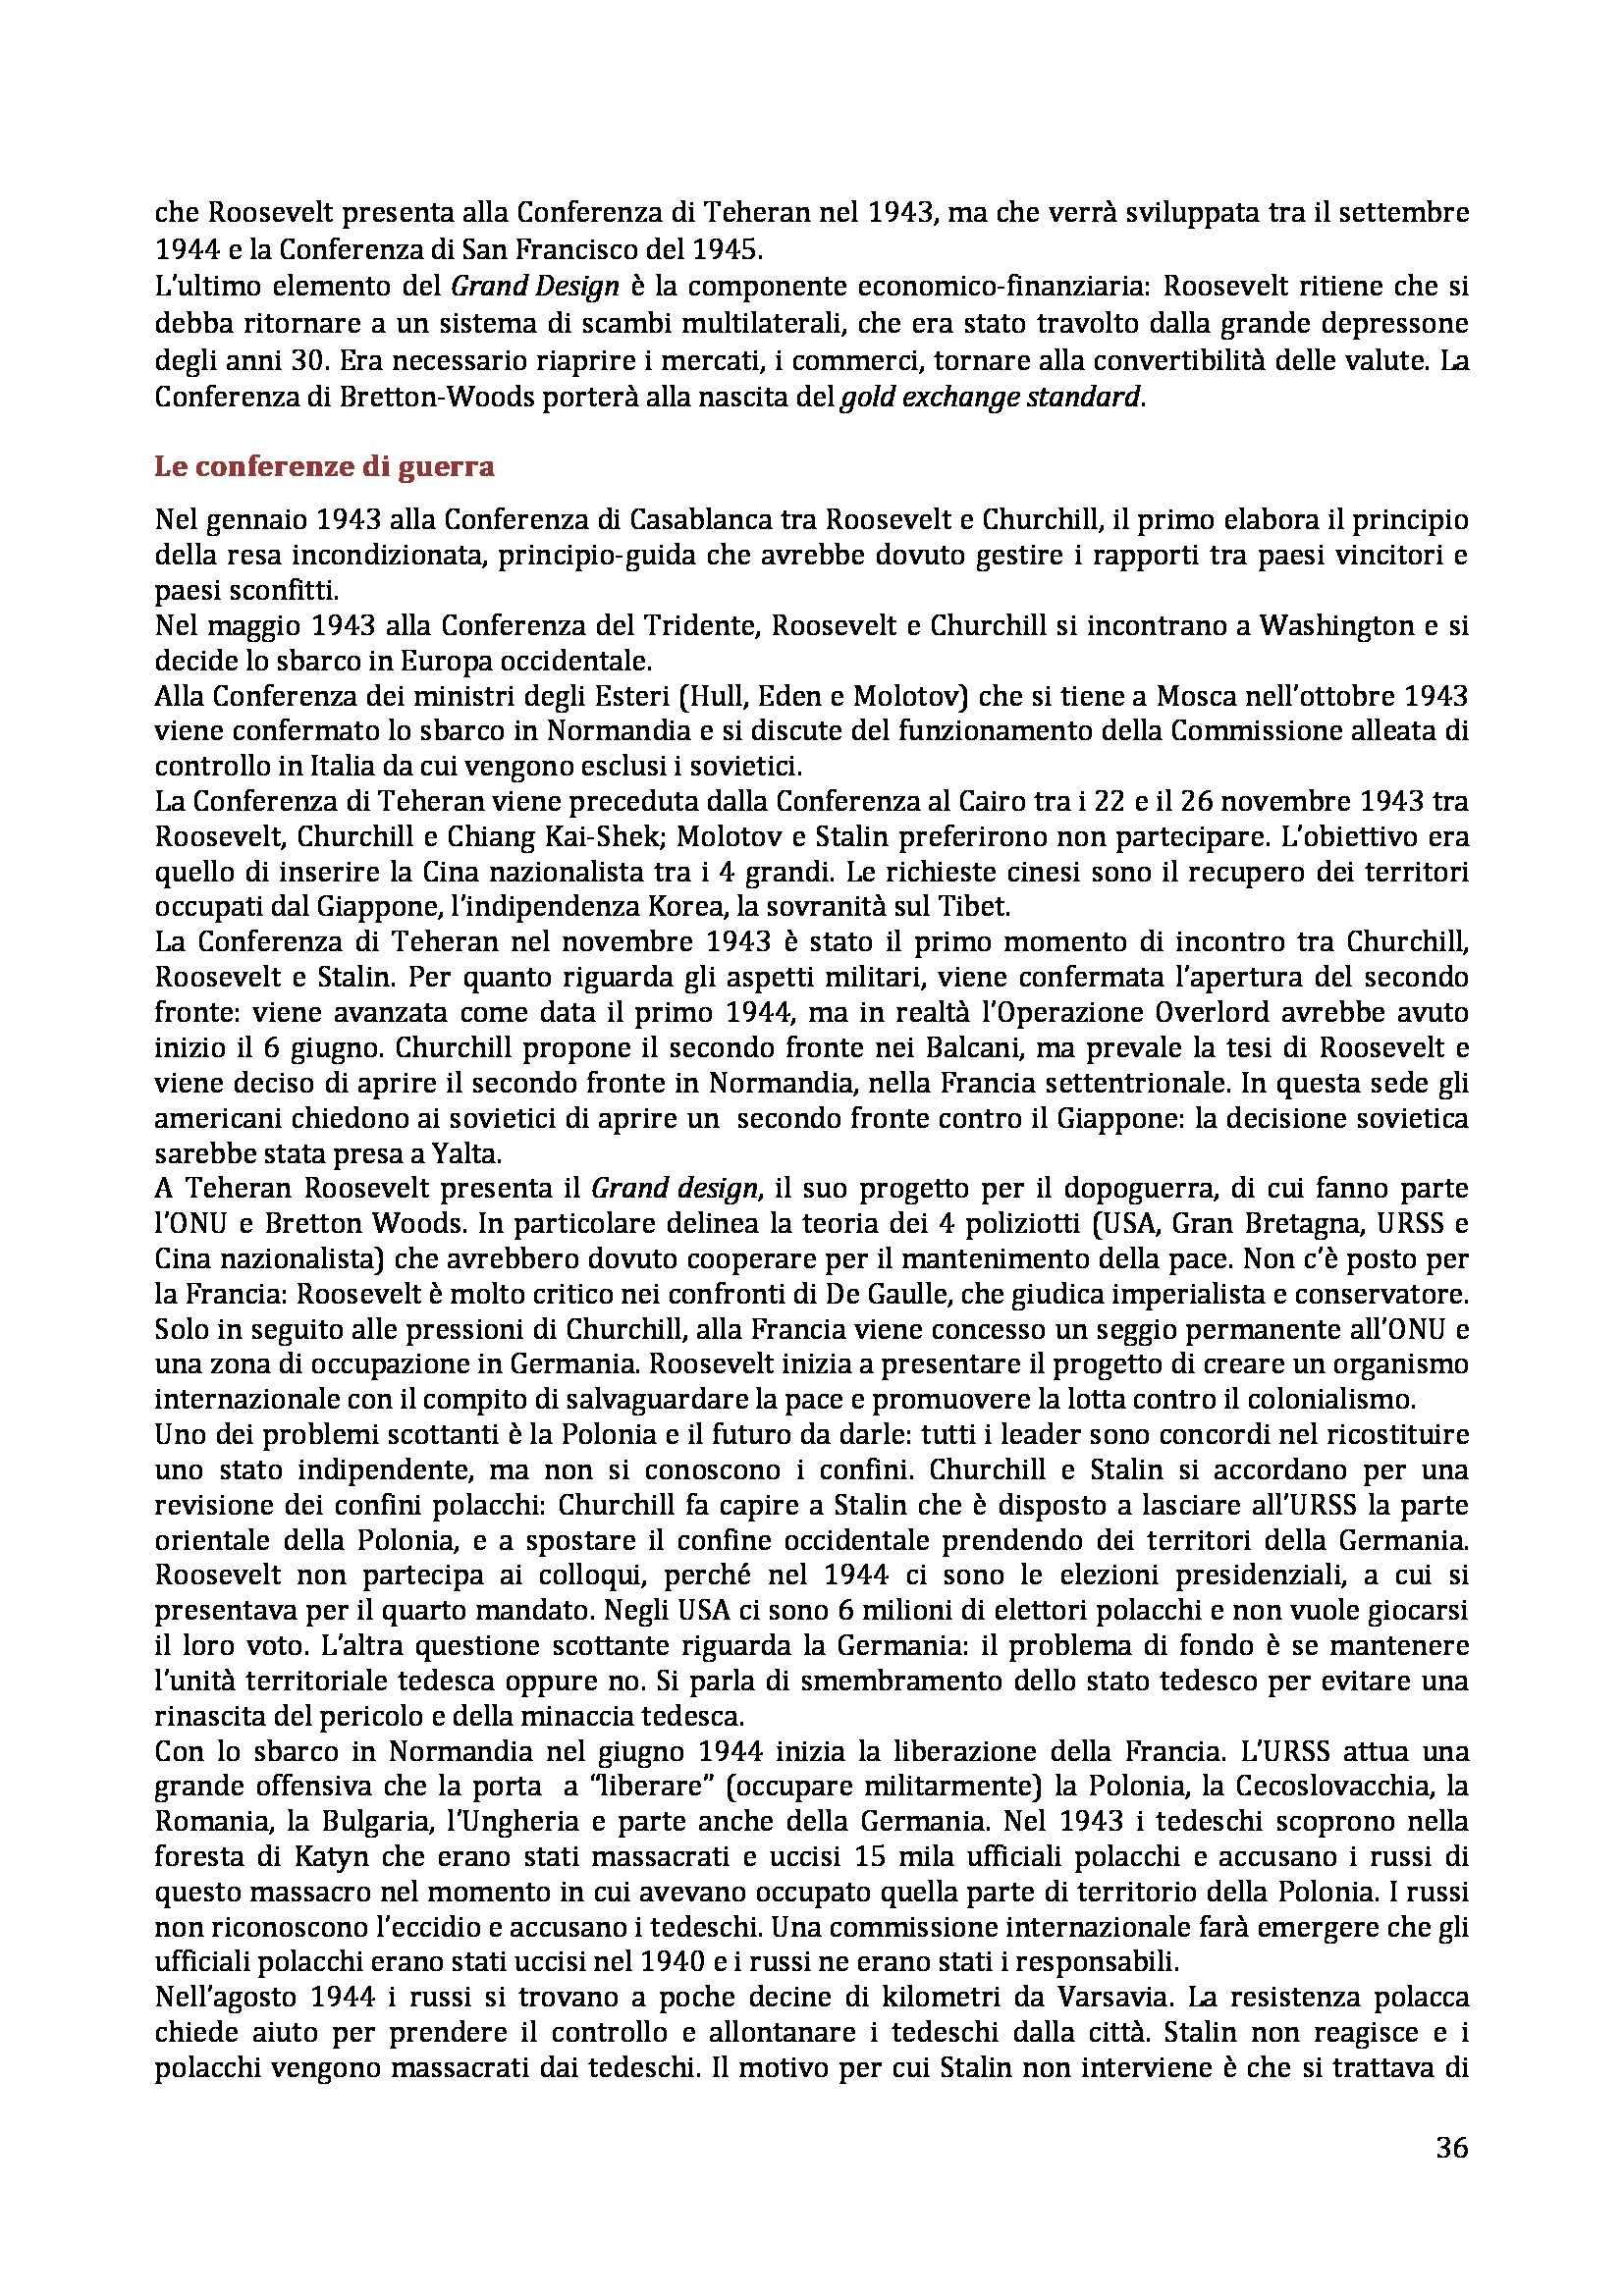 Storia delle relazioni internazionali - Appunti Pag. 36